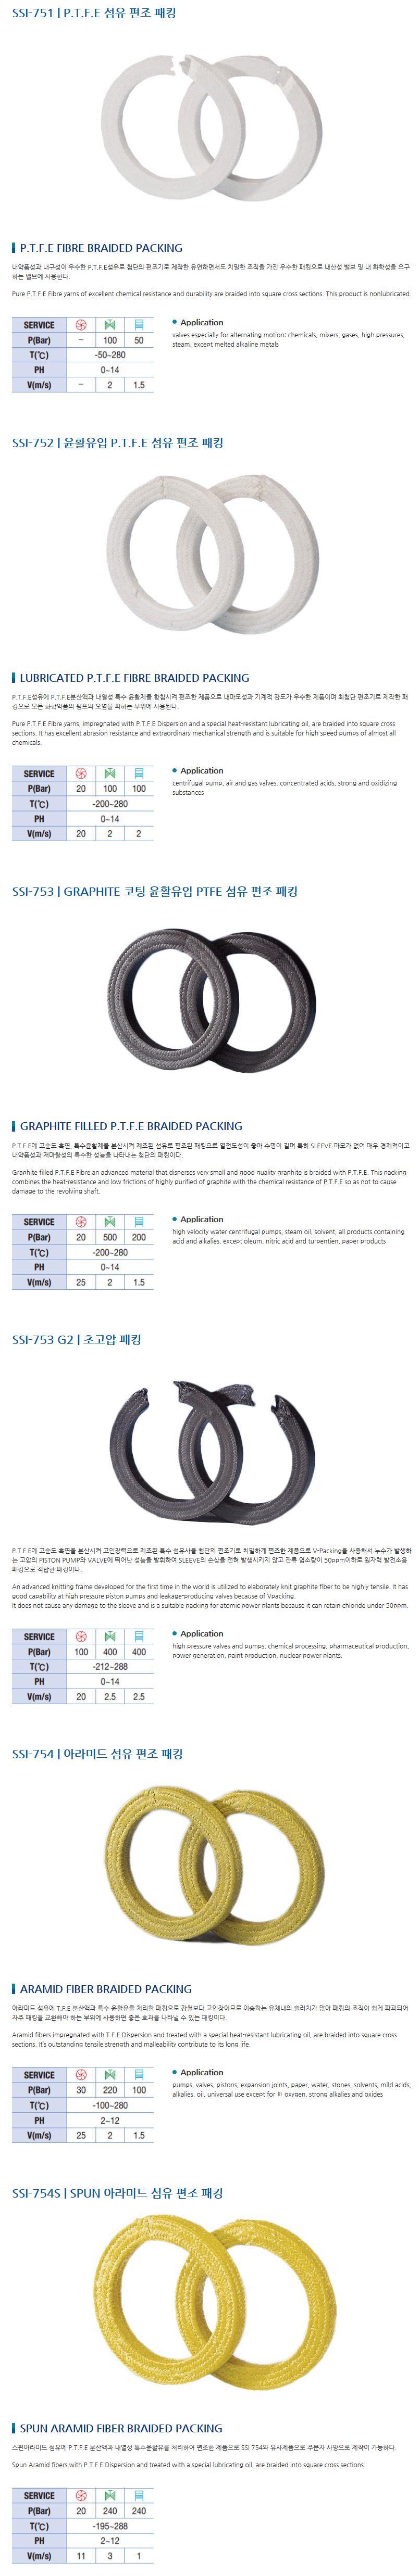 (주)삼성인더스트리 섬유 편조 패킹 / 초고압 패킹 SSI-750 Series 1